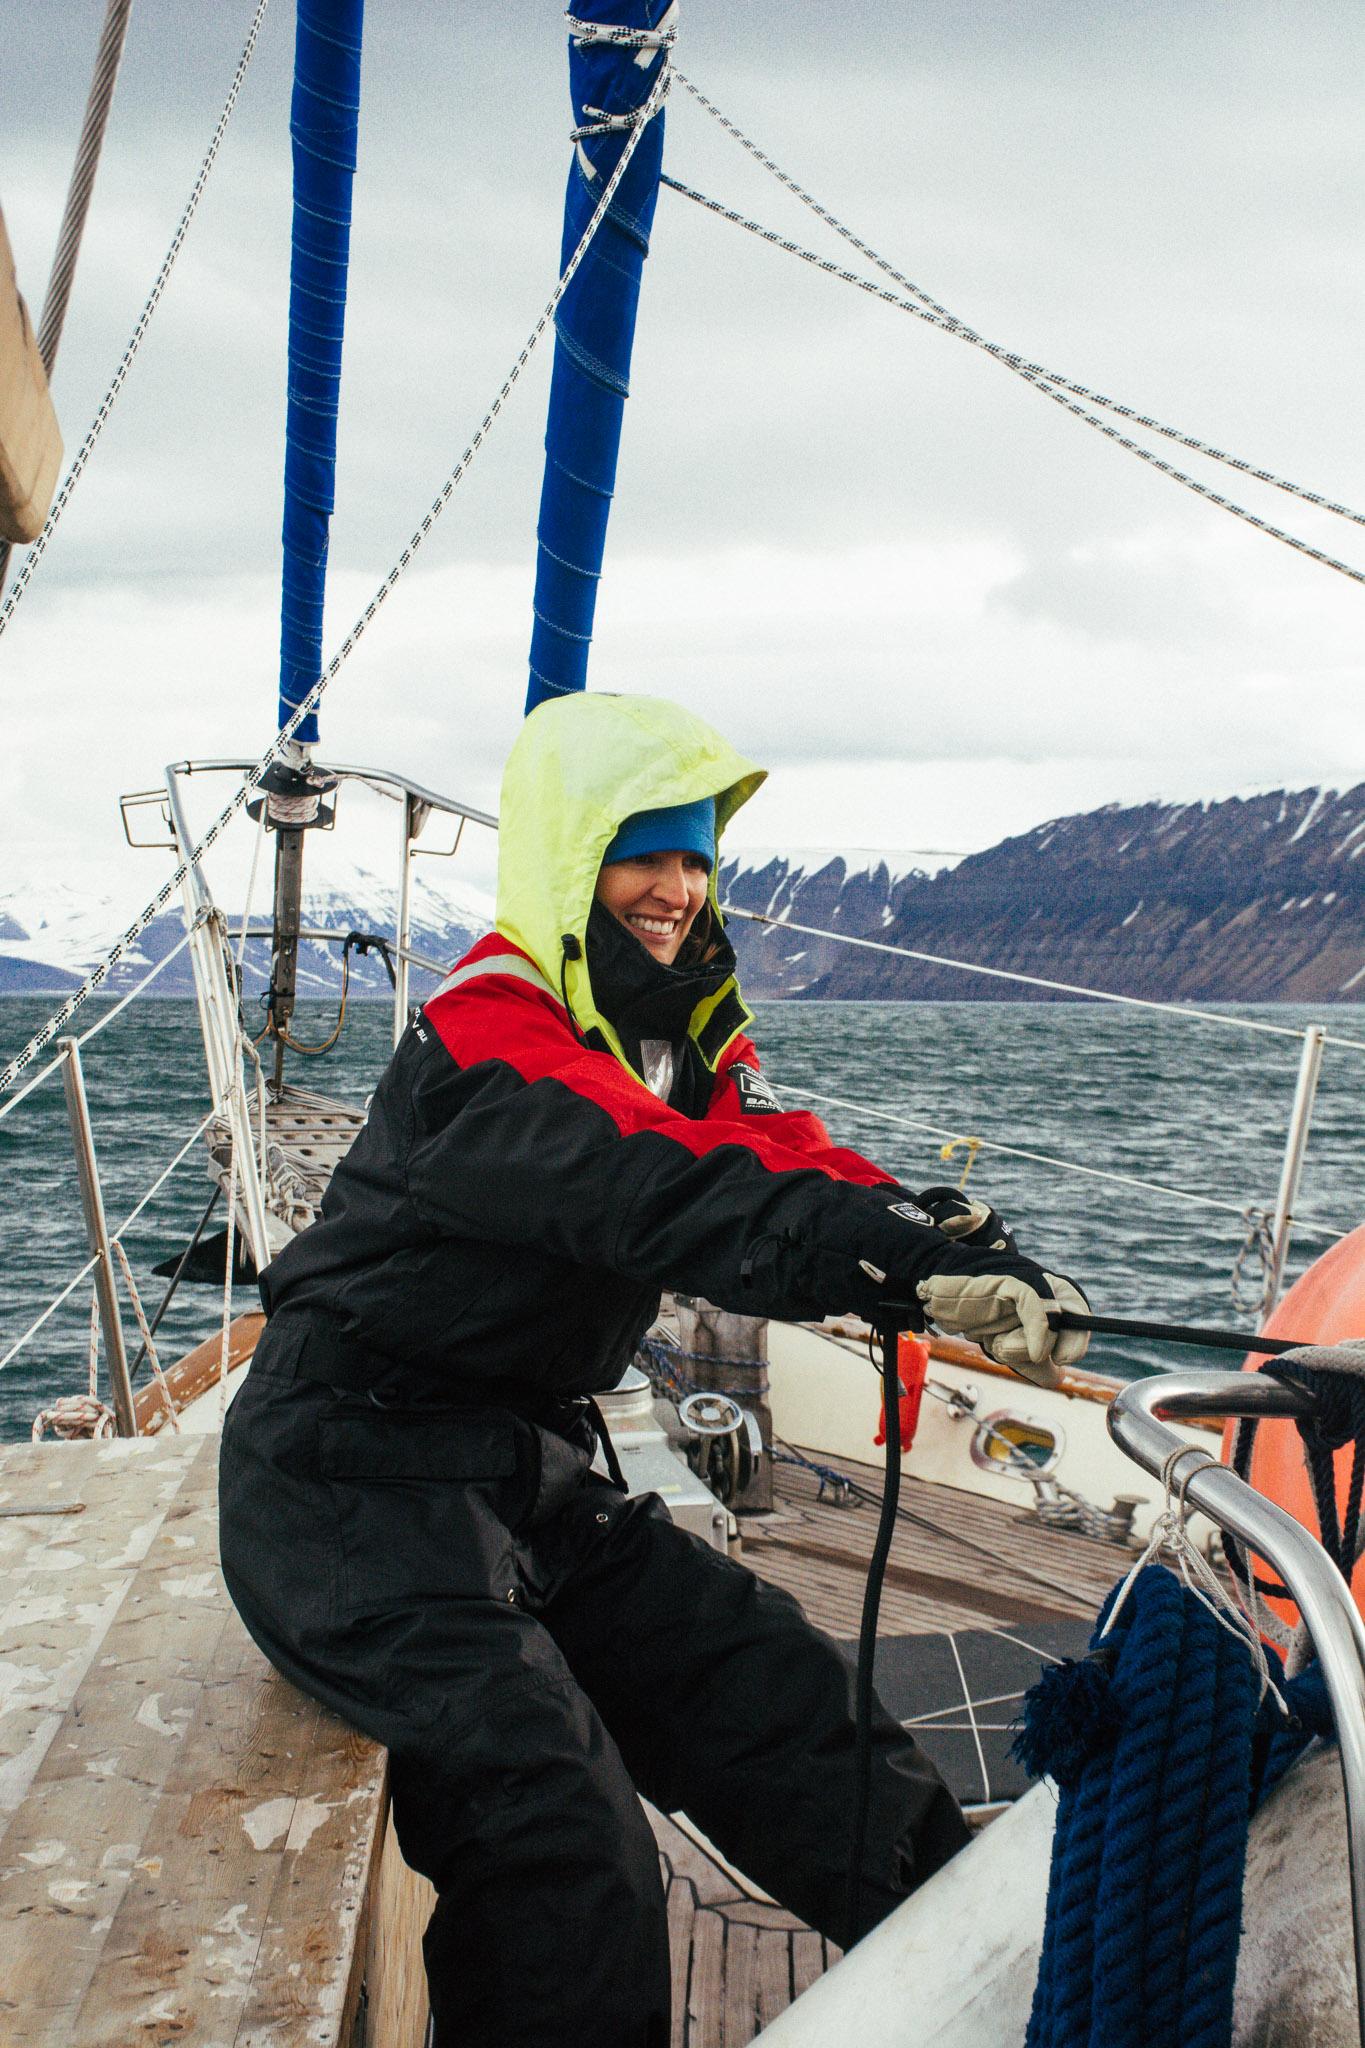 Svalbard_2018_Pukka_Perri_Rothenberg-20.jpg